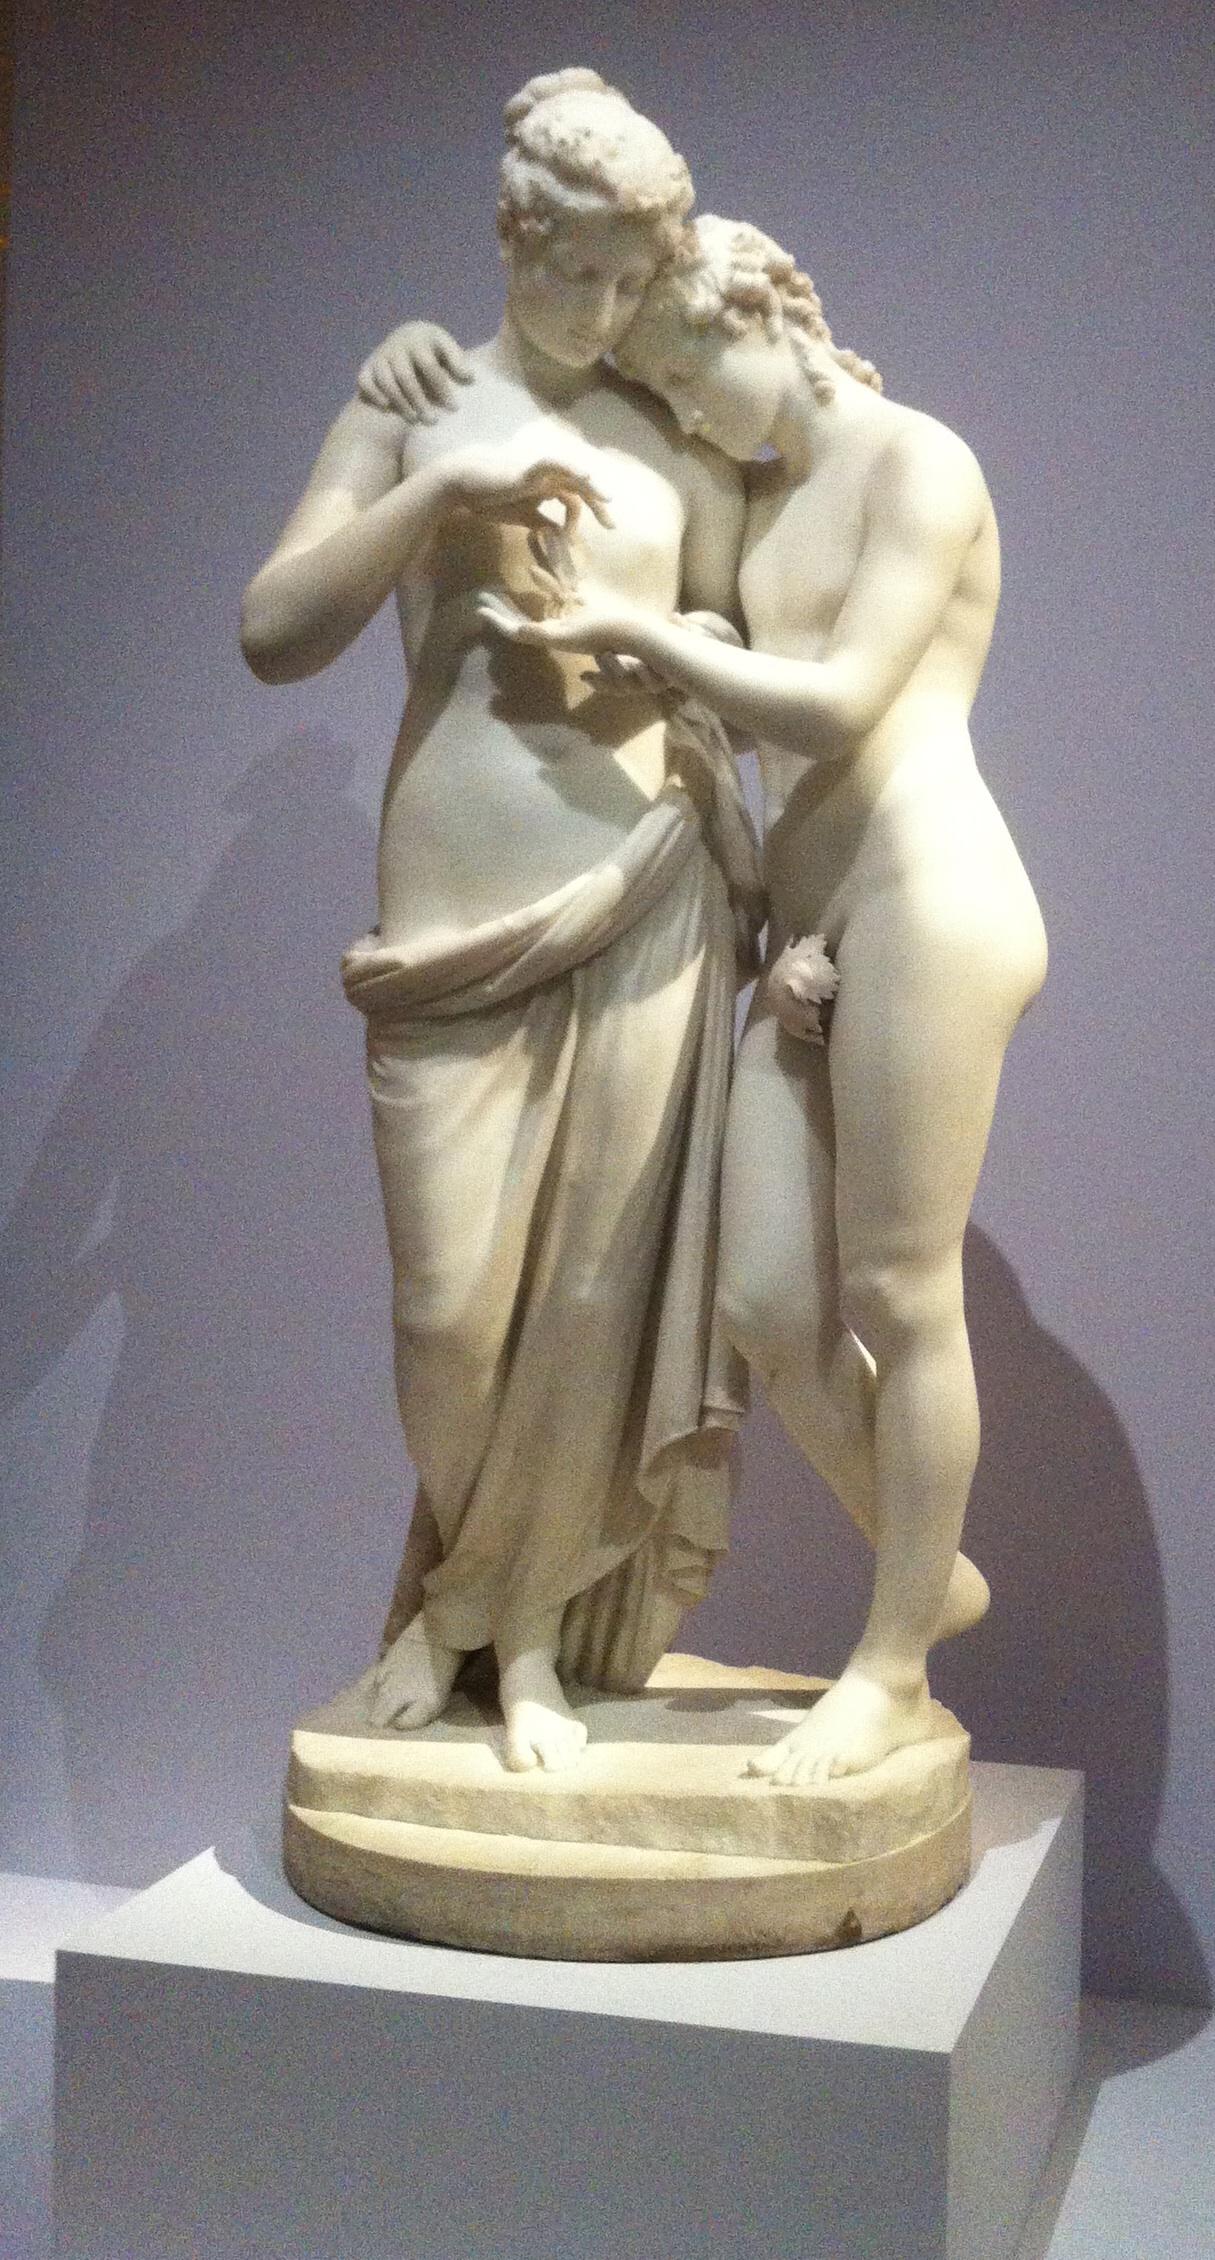 Statue figurant l'Amour et Psyché commandée par Joséphine à Canova après en avoir vu une autre version